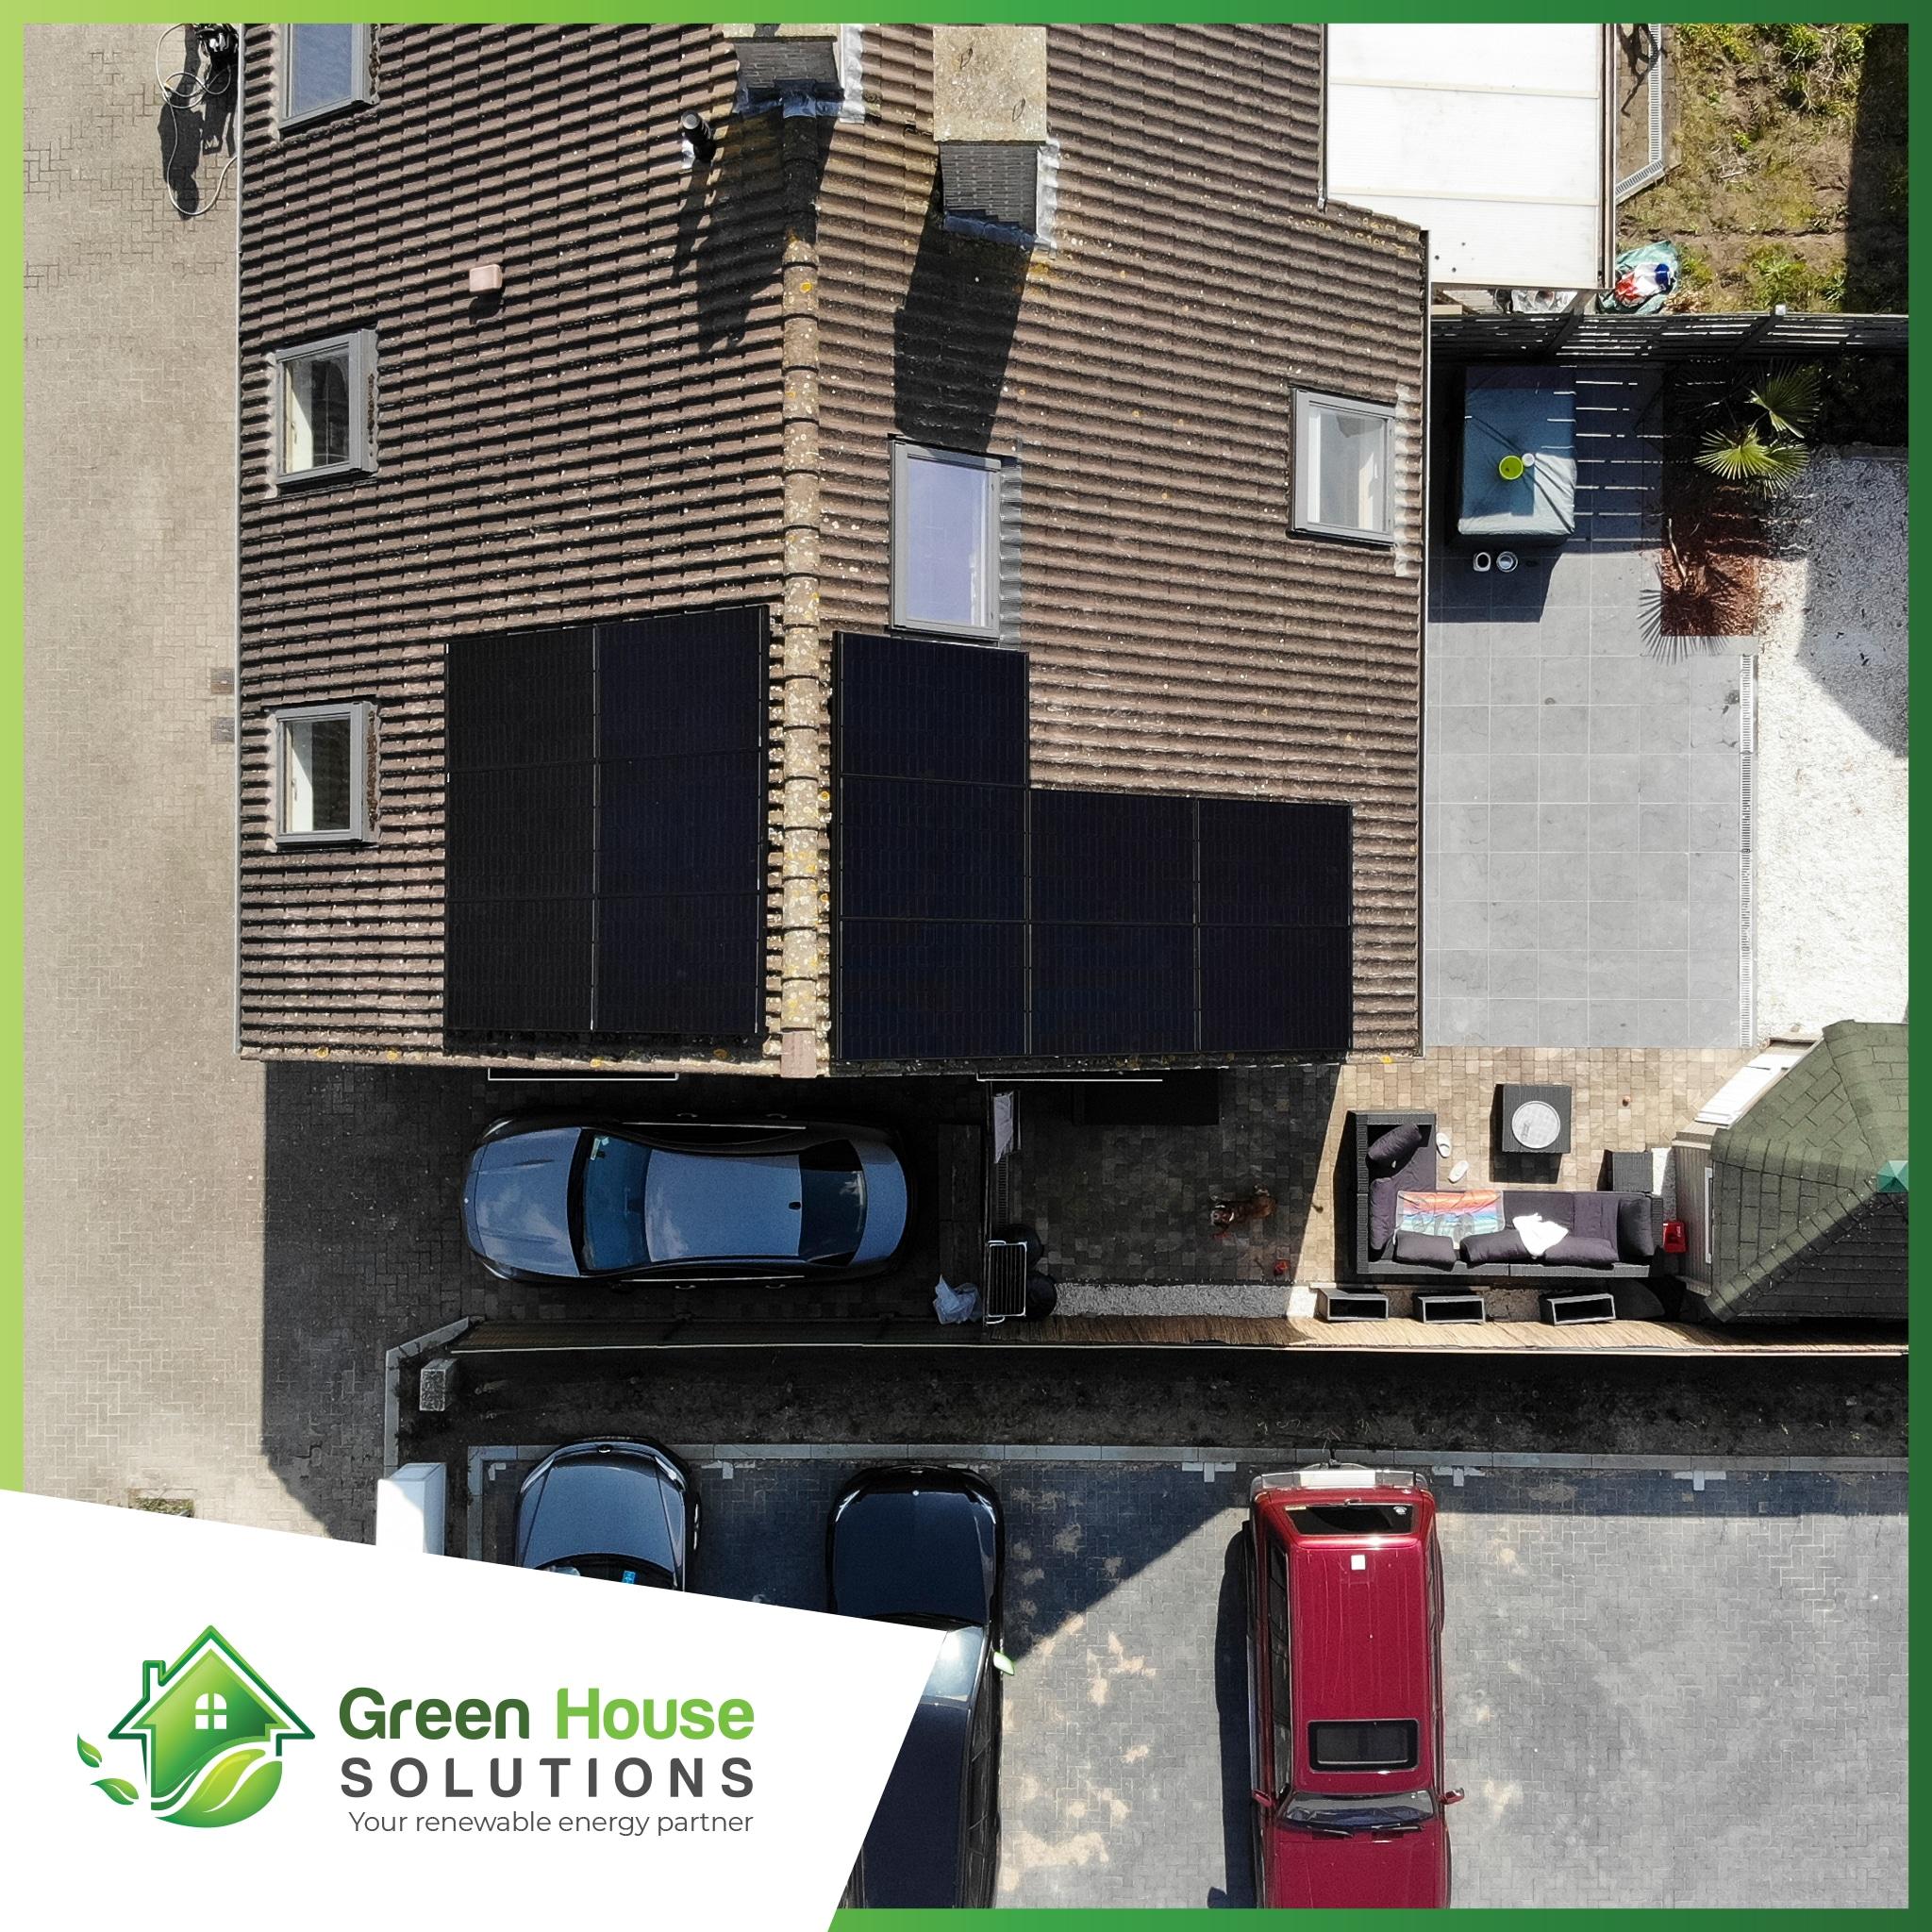 Green House Solutions zonnepanelen plaatsen installeren of kopen 00049